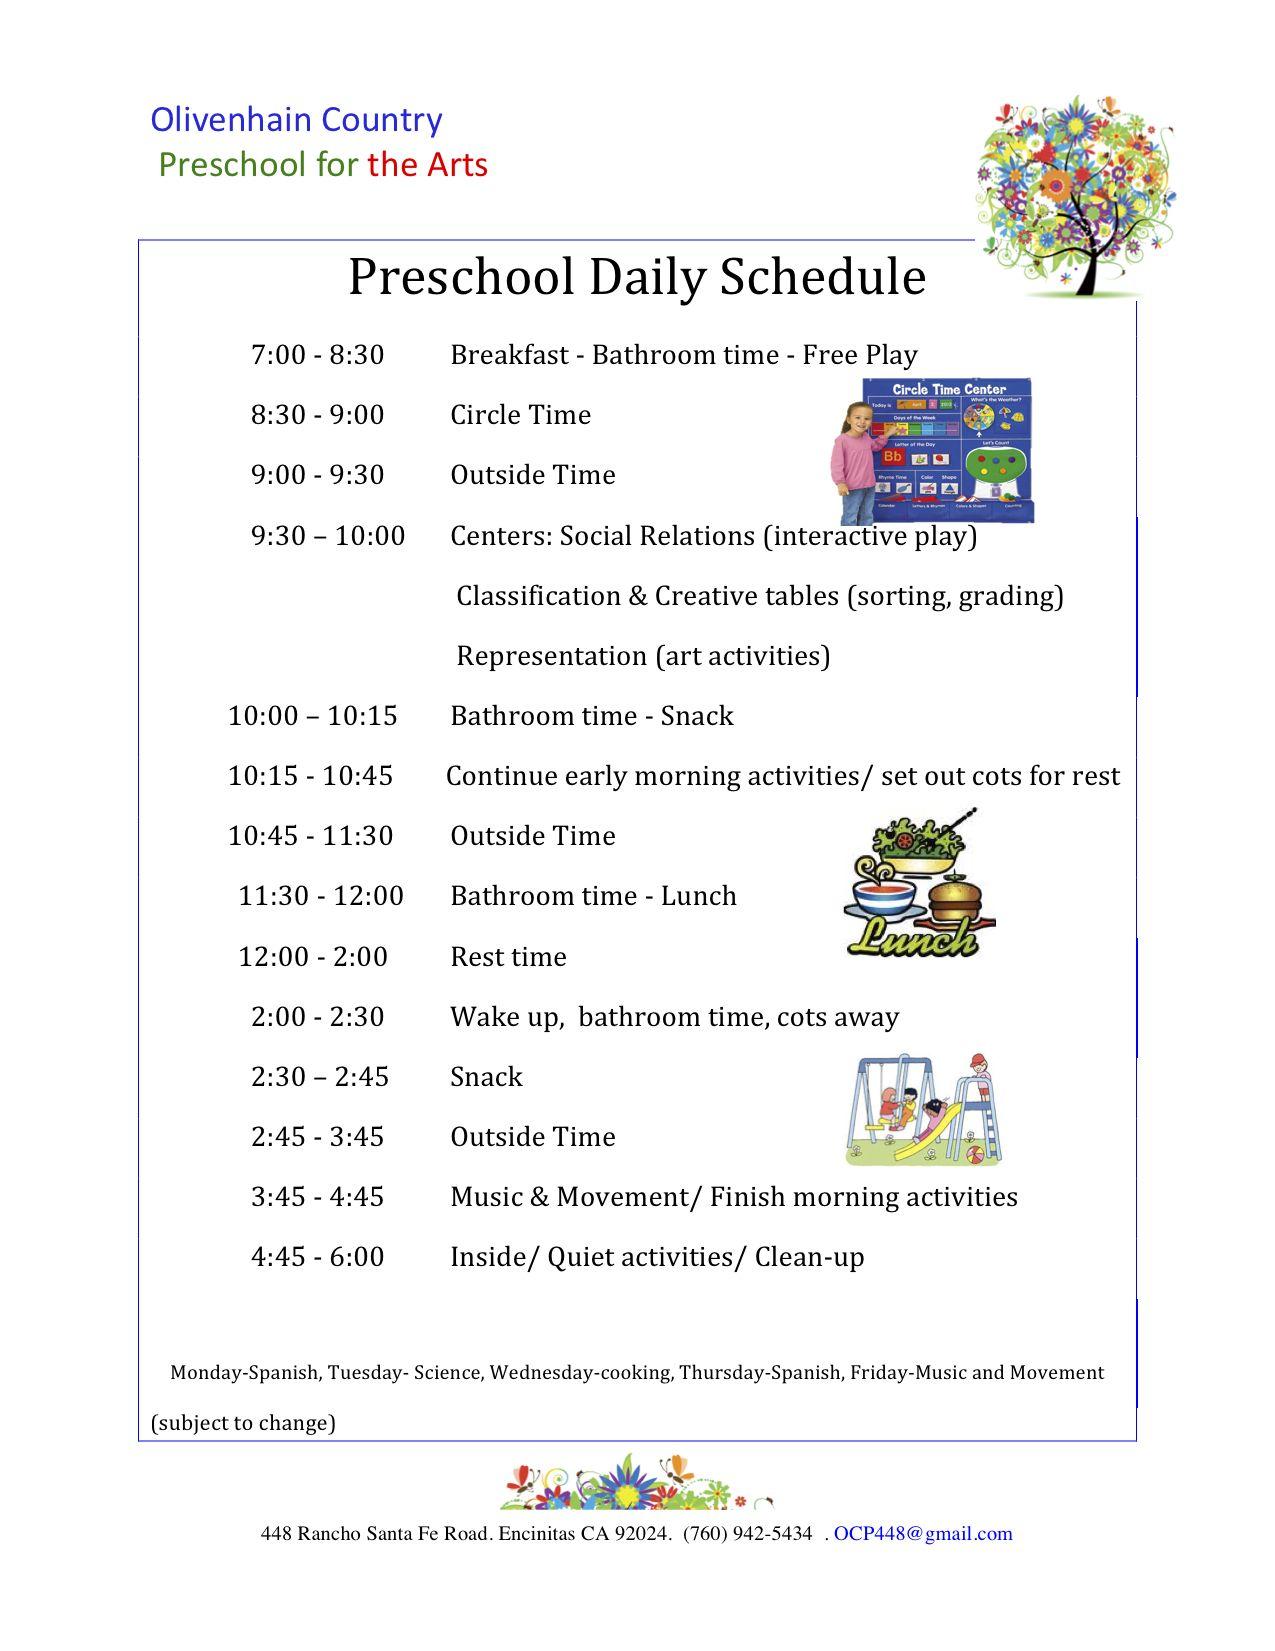 preschooldailyschedule21.jpg Daily schedule preschool